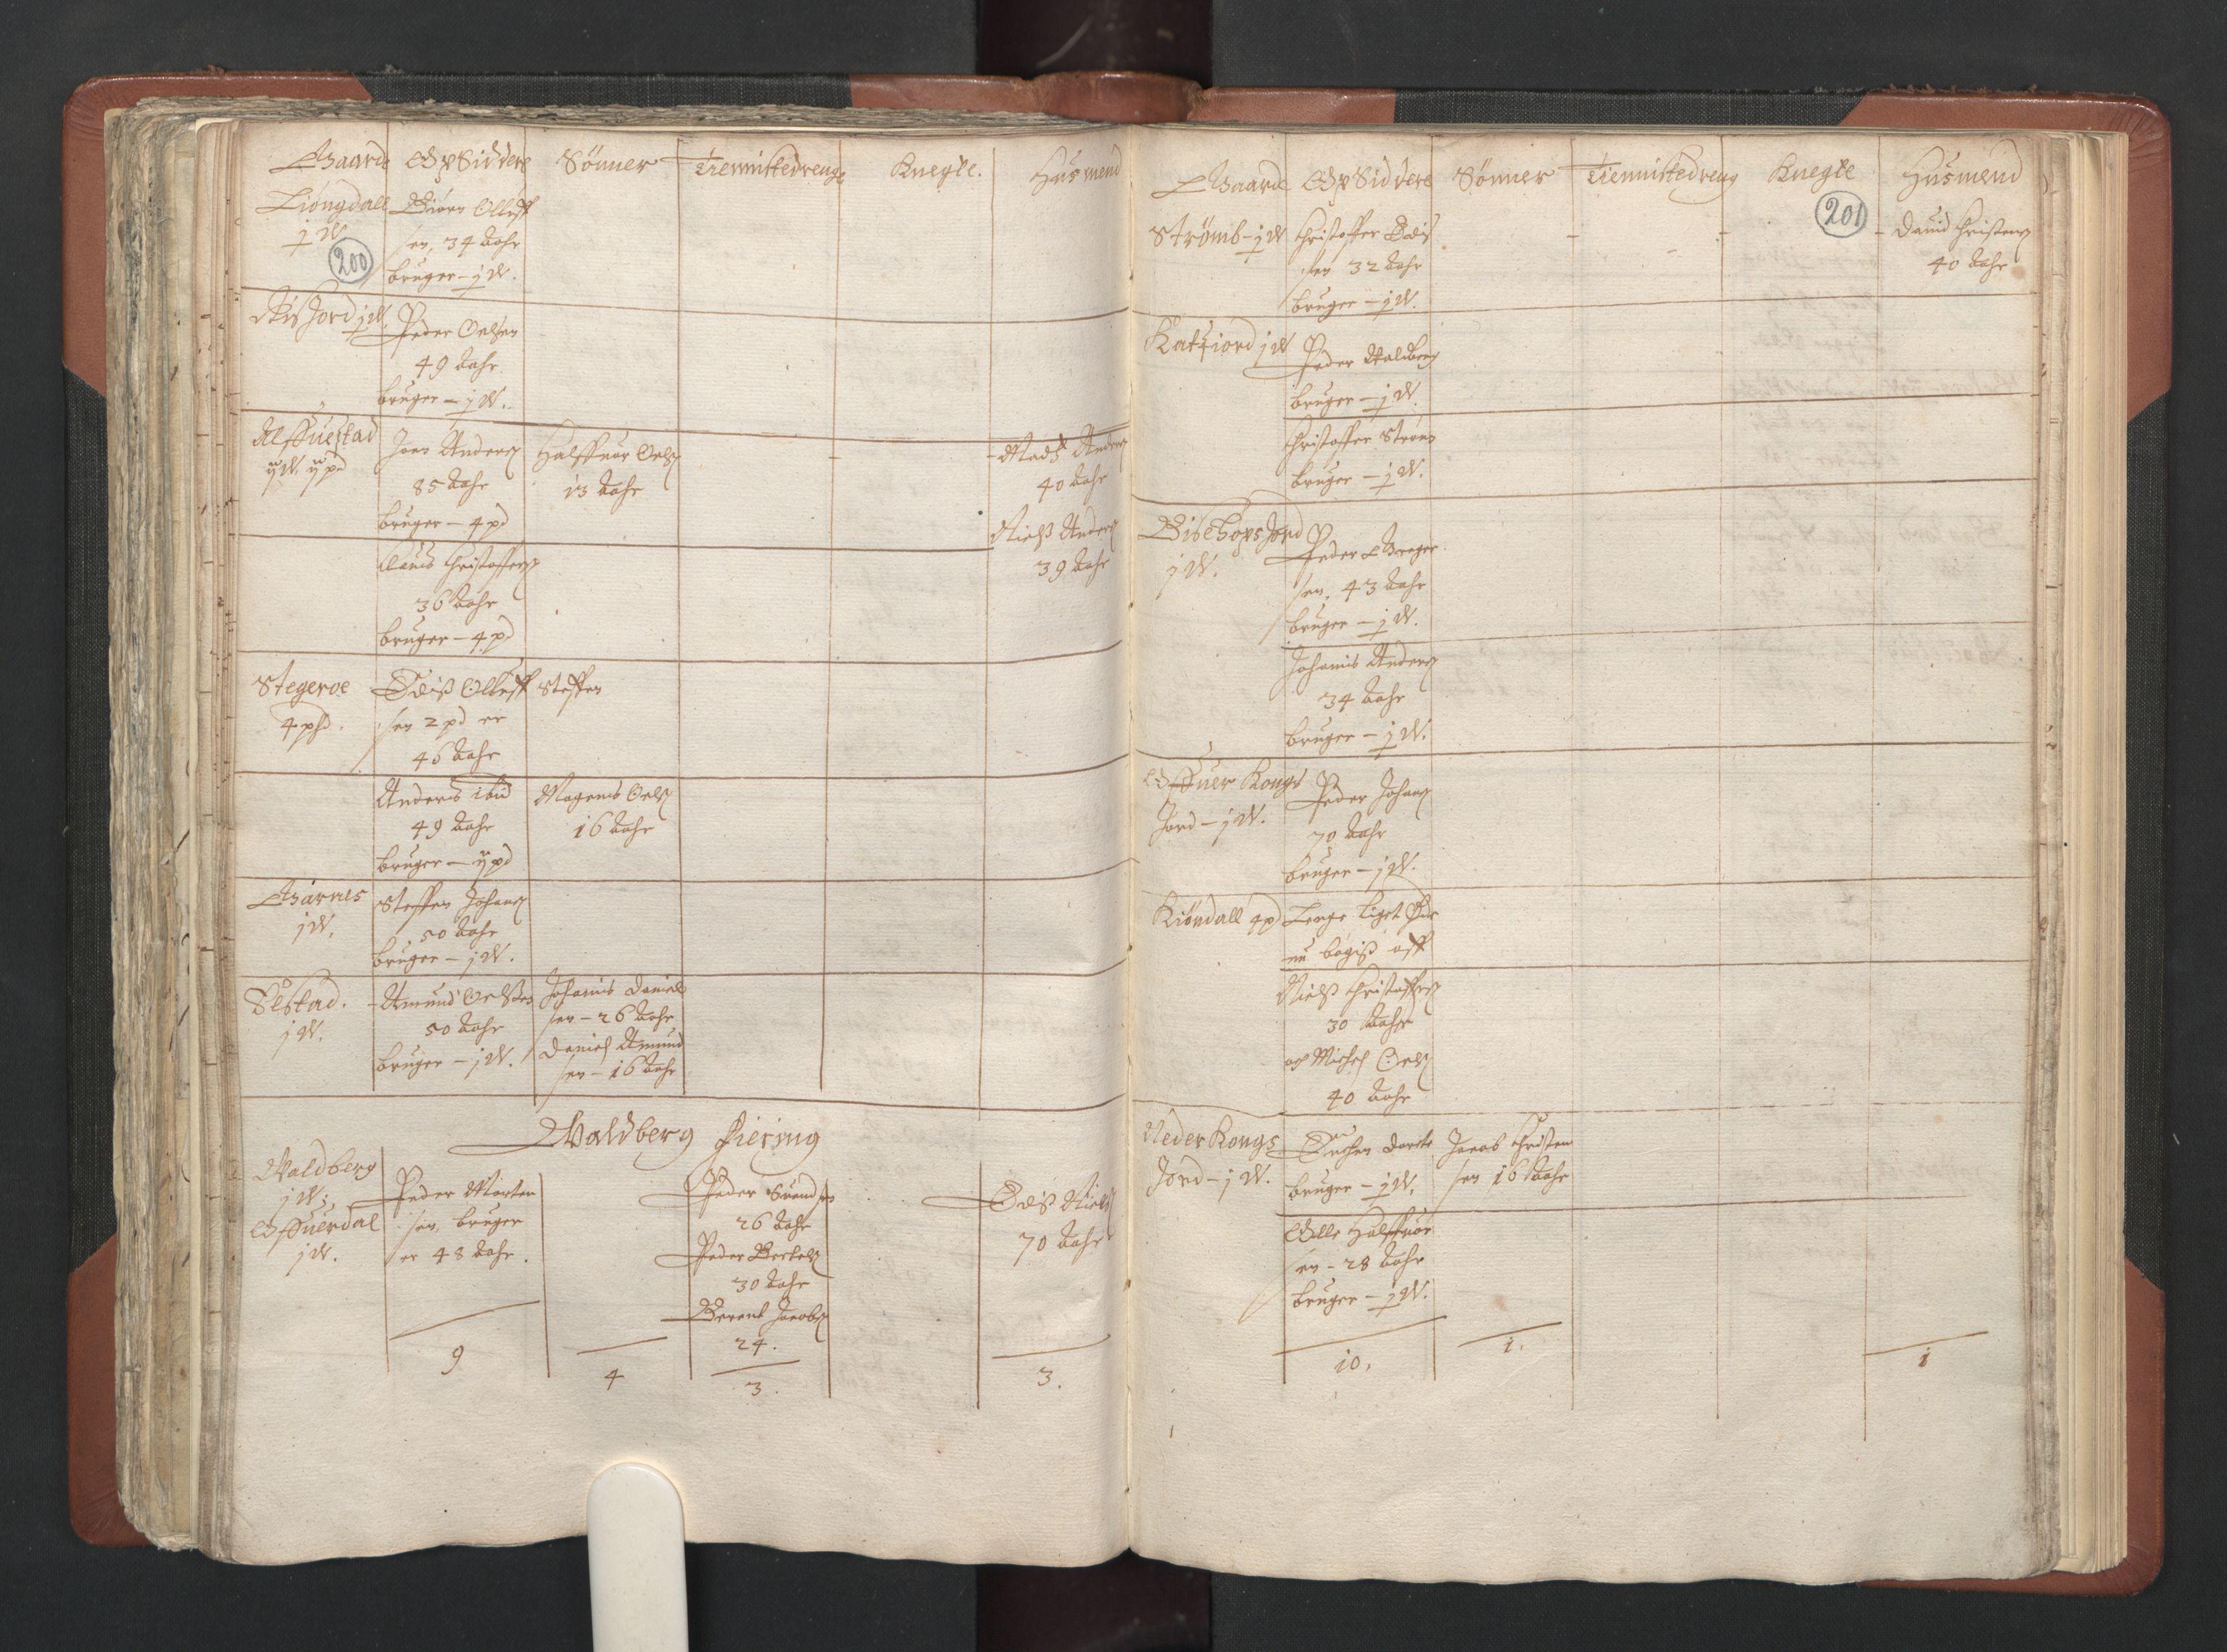 RA, Fogdenes og sorenskrivernes manntall 1664-1666, nr. 20: Fogderier (len og skipreider) i nåværende Nordland fylke, Troms fylke og Finnmark fylke, 1665, s. 200-201